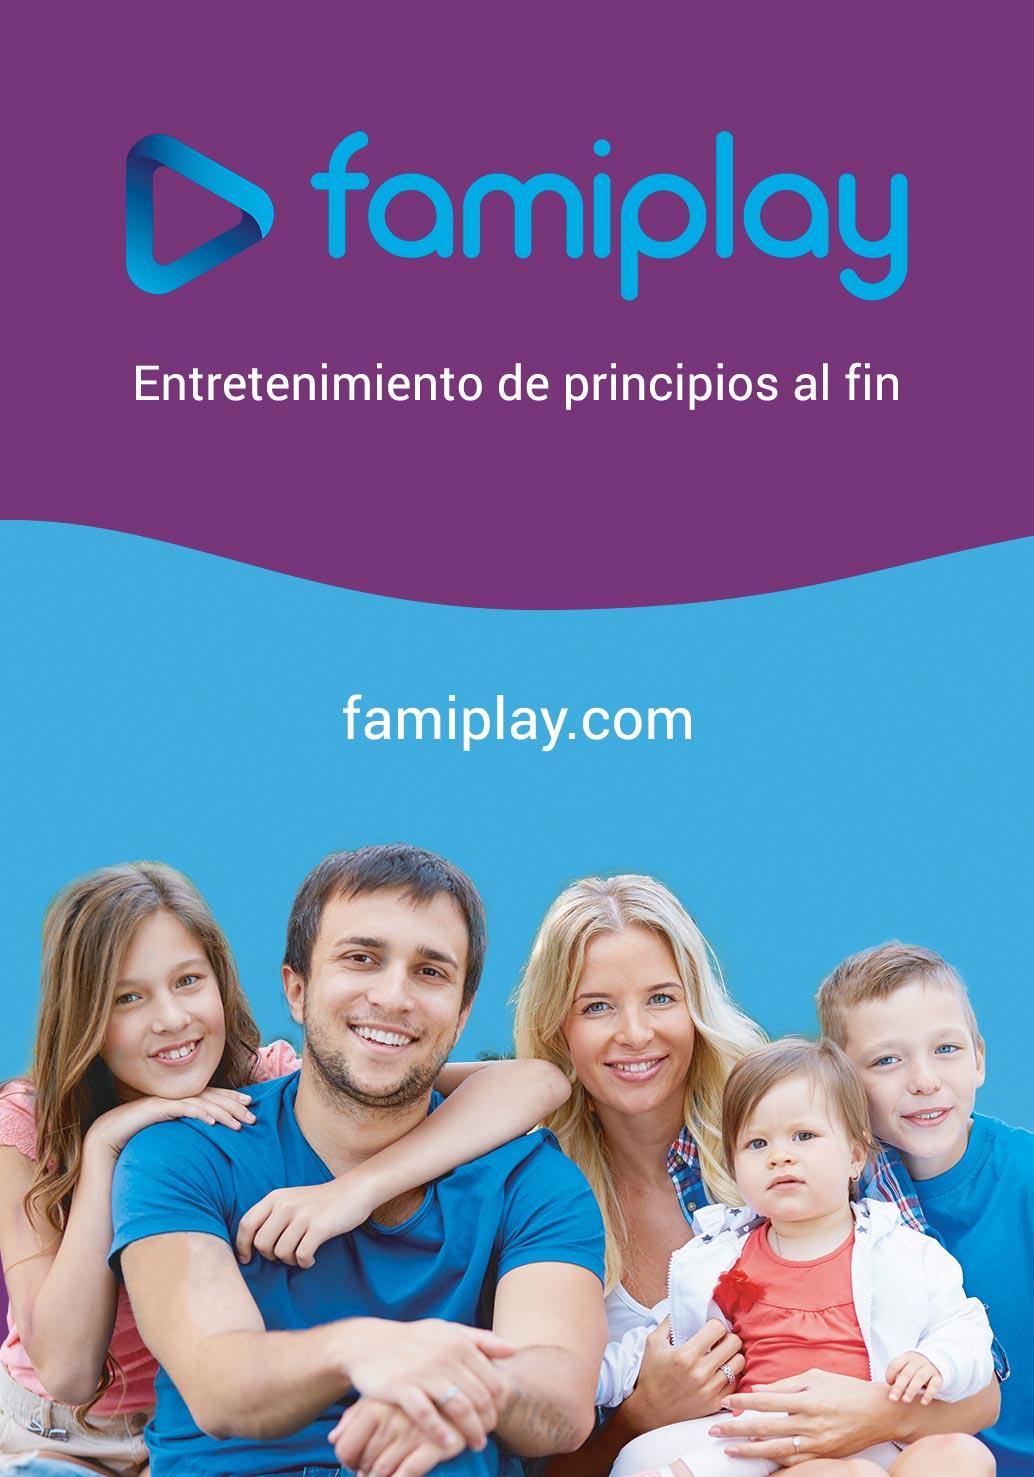 Famiplay, la plataforma con cine y series para toda la familia